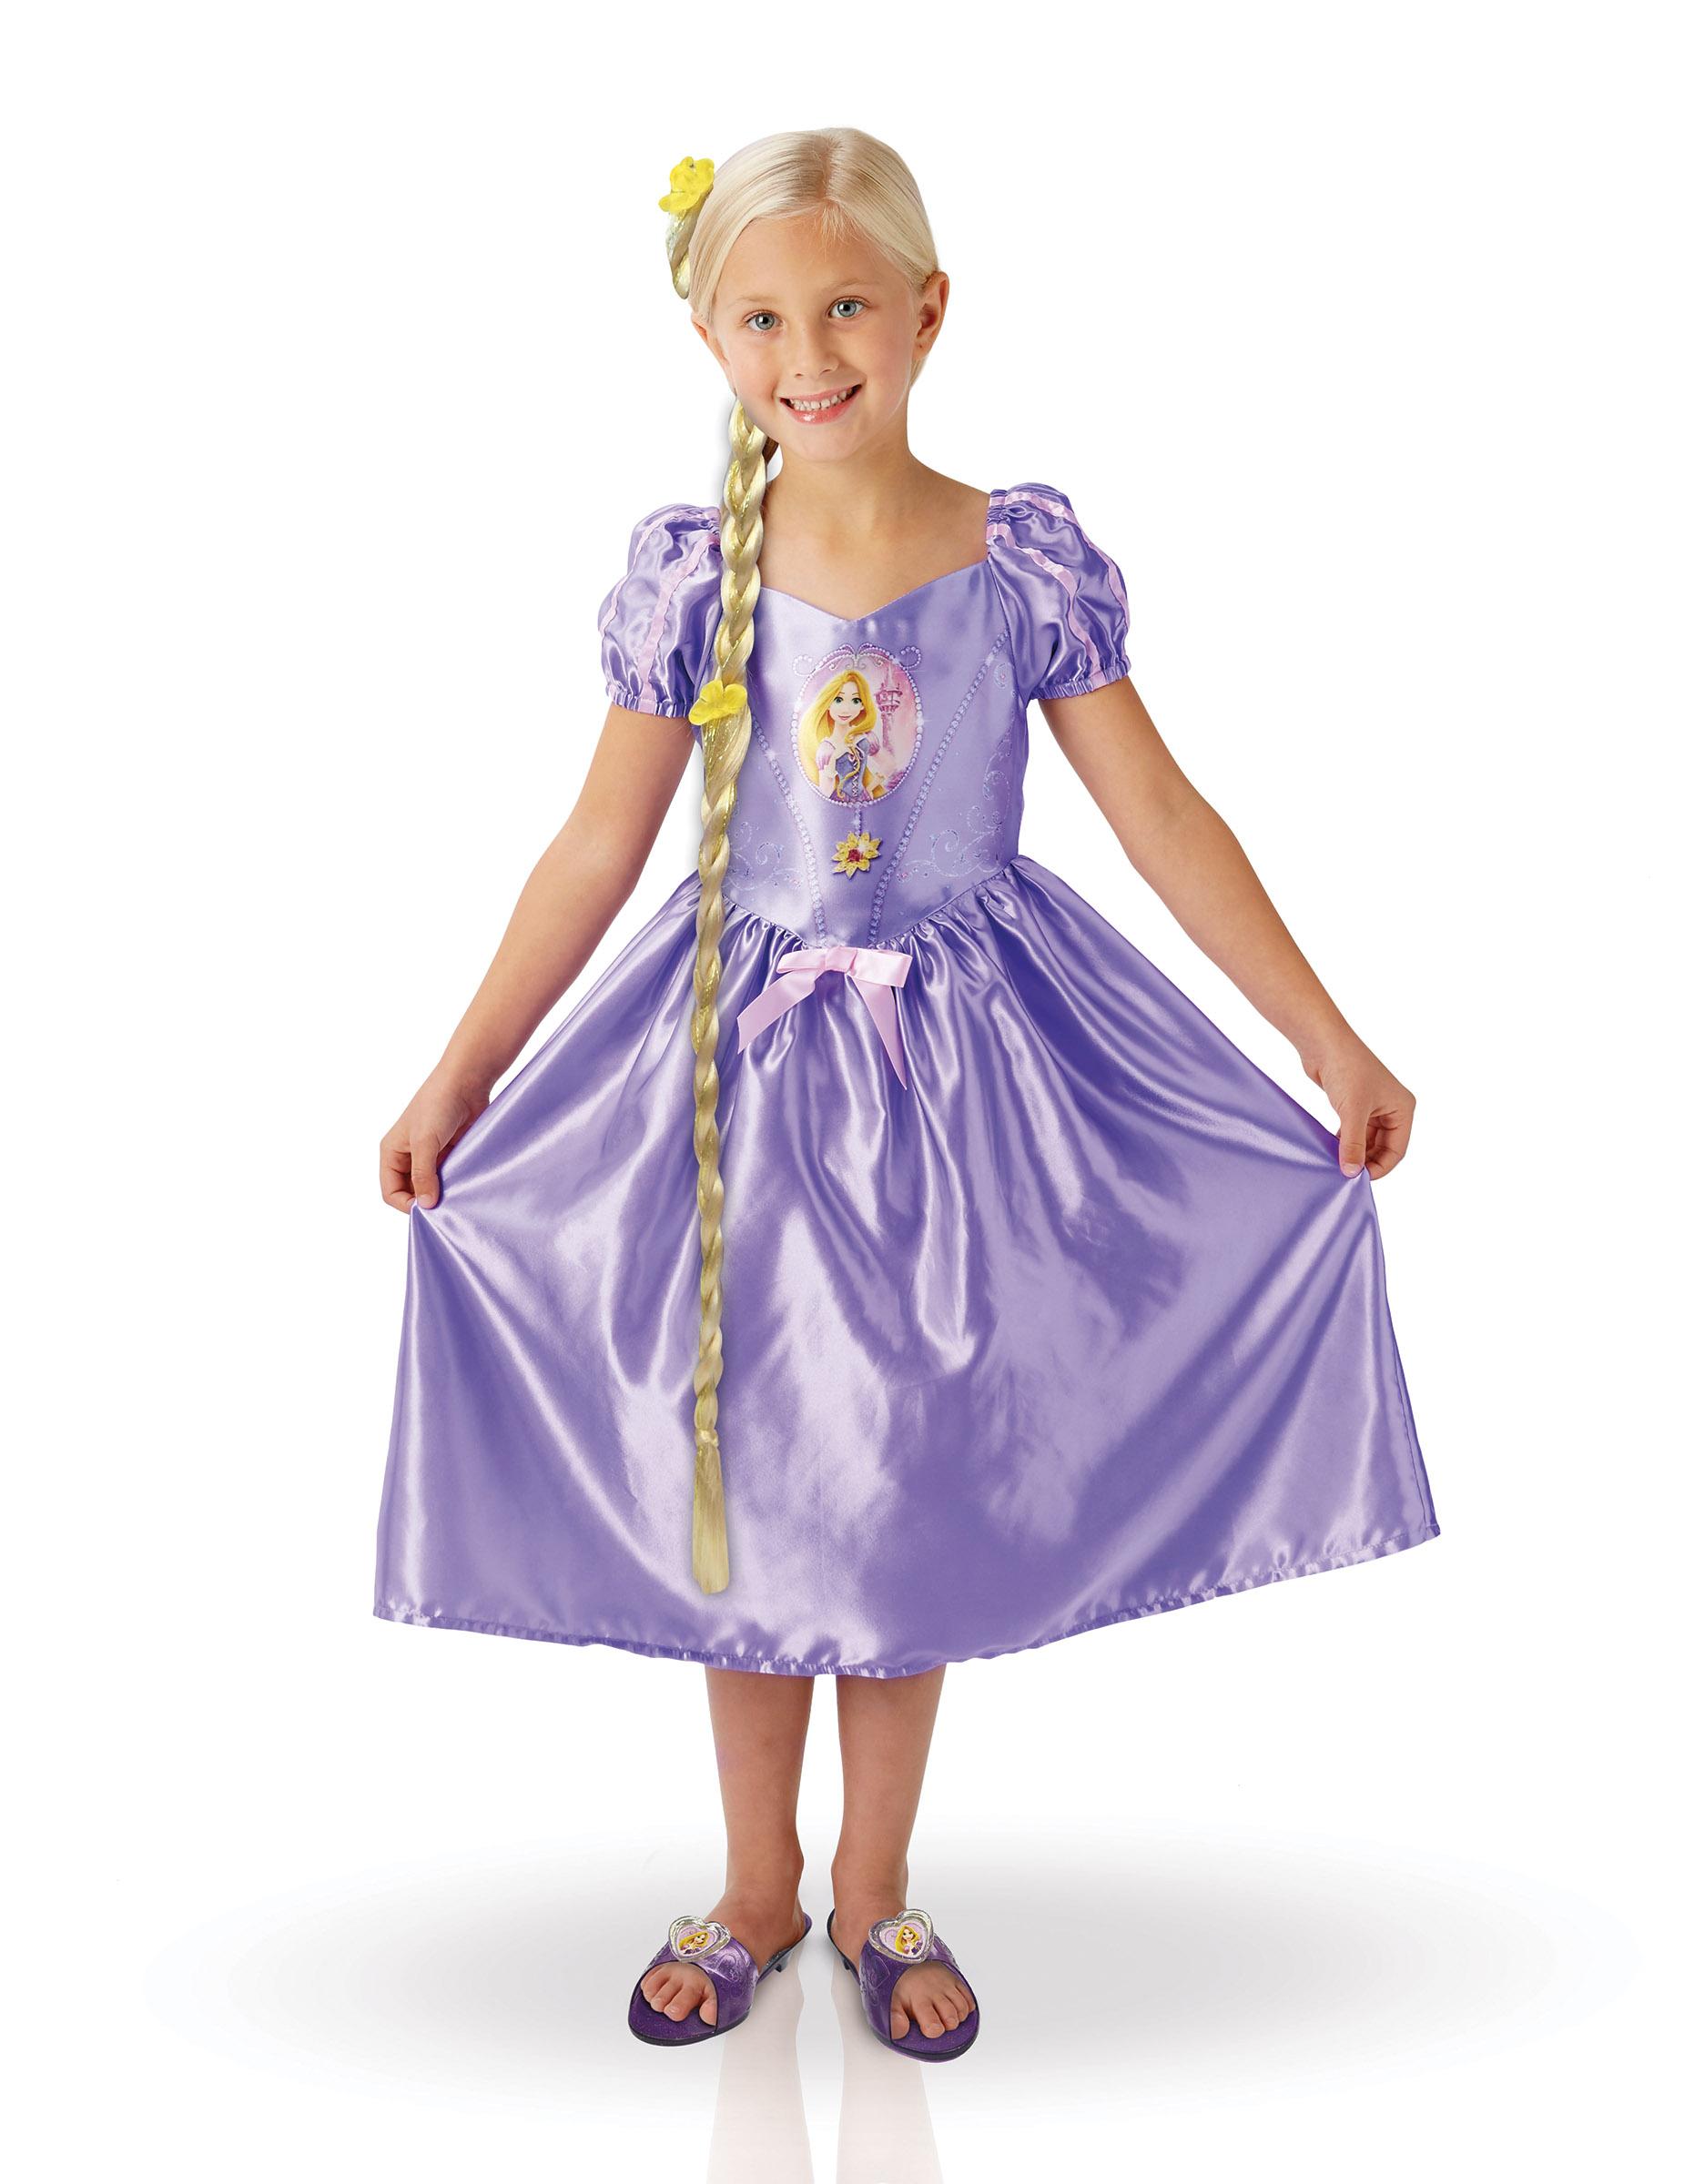 D guisement fille raiponce et accessoires en coffret deguise toi achat de d guisements enfants - Deguisement raiponce adulte ...